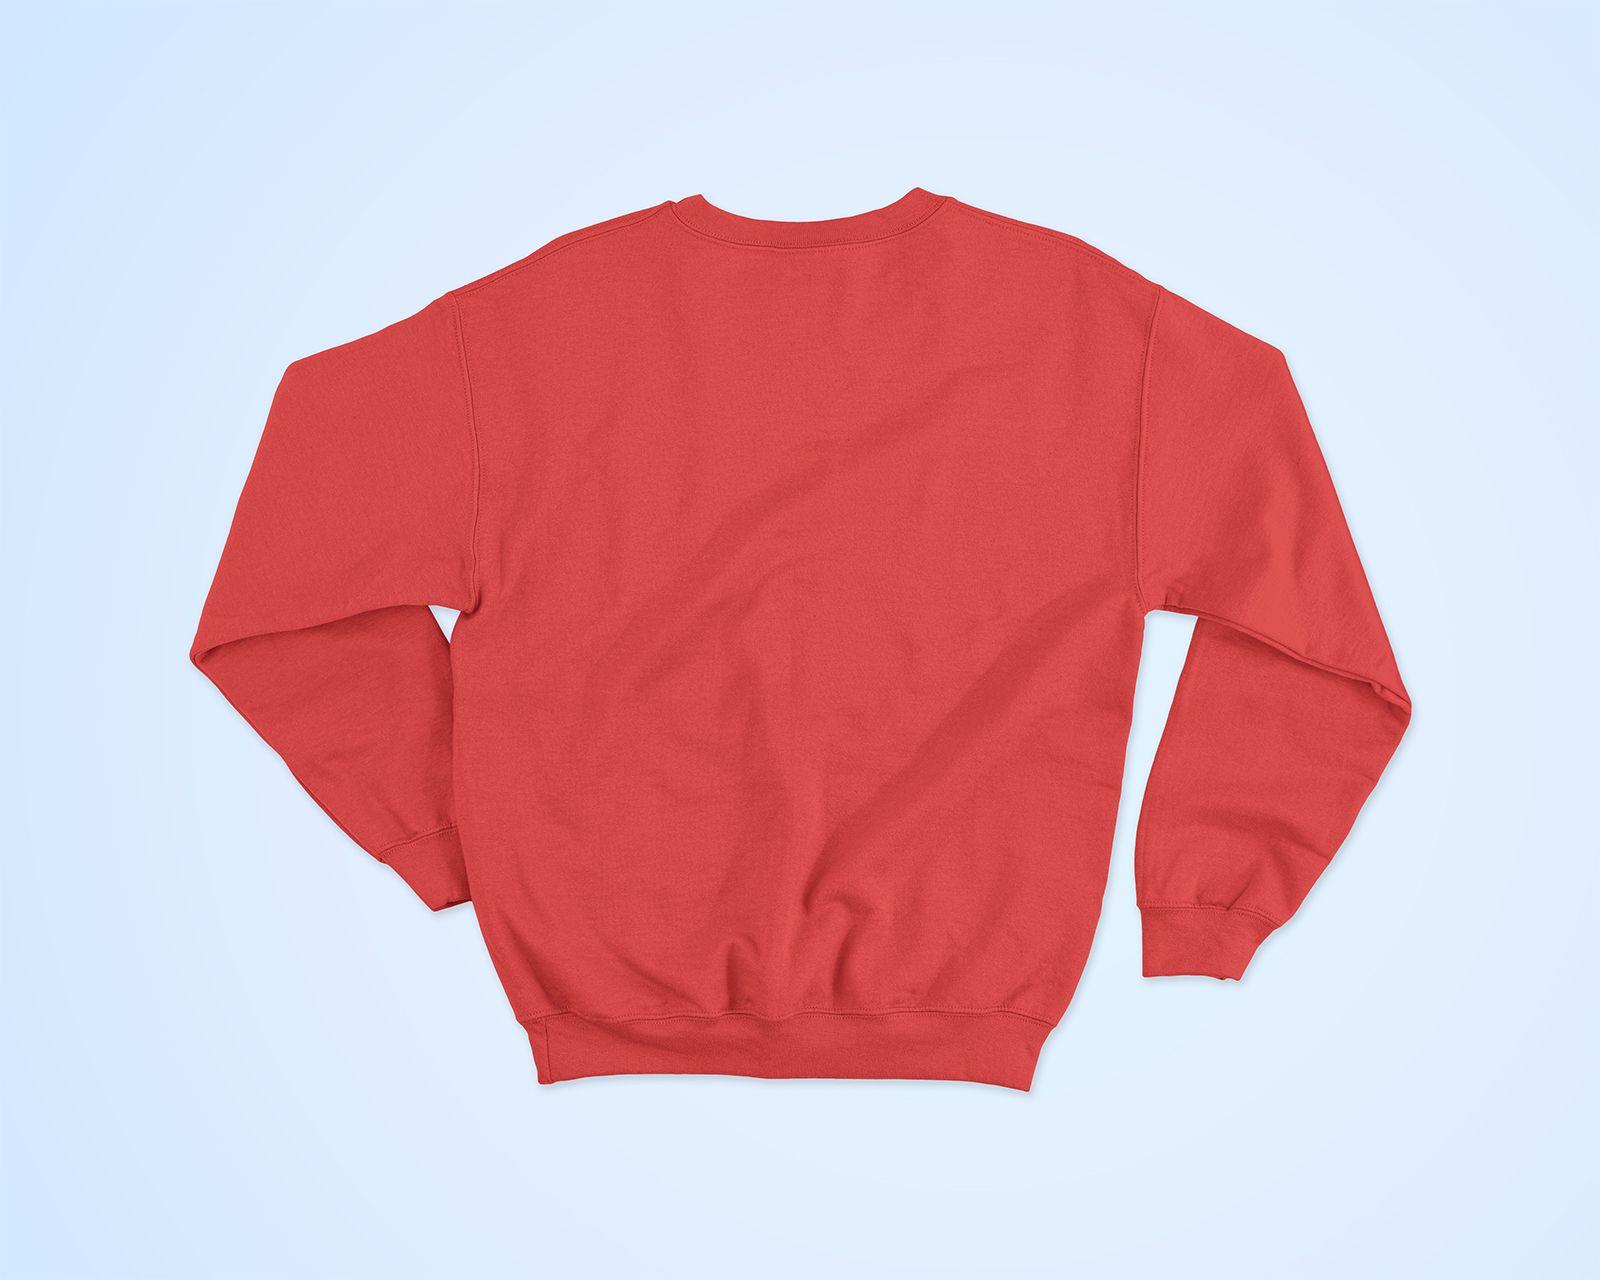 Download Crewneck Sweatshirt Mockups Crew Neck Sweatshirt Clothing Mockup Sweatshirts